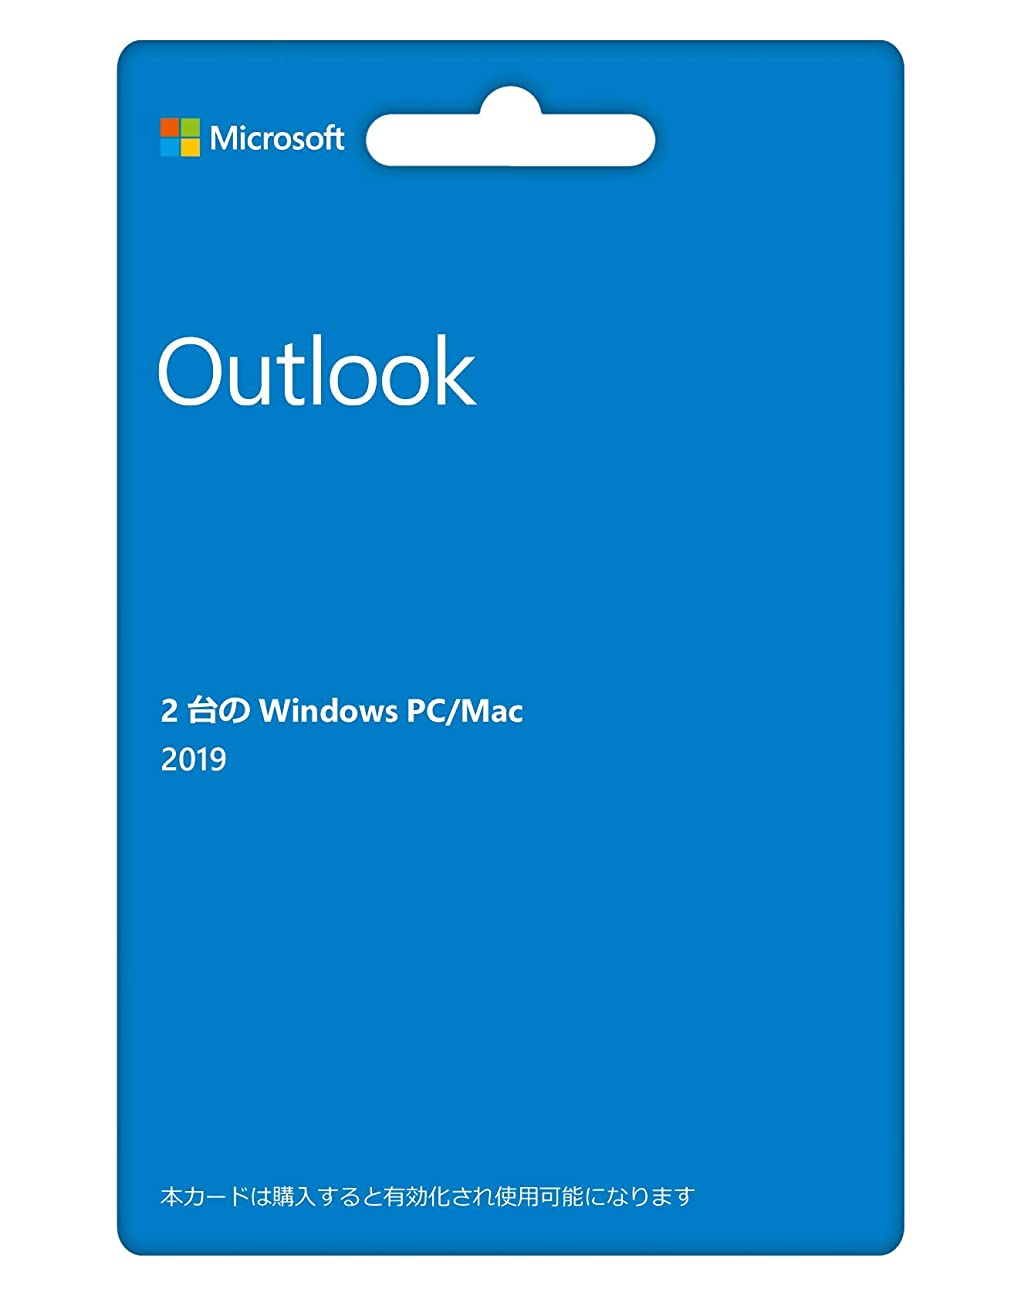 ラフ睡眠抵抗ラフ睡眠Microsoft Publisher 2019(最新 永続版)|オンラインコード版|Windows10|PC2台